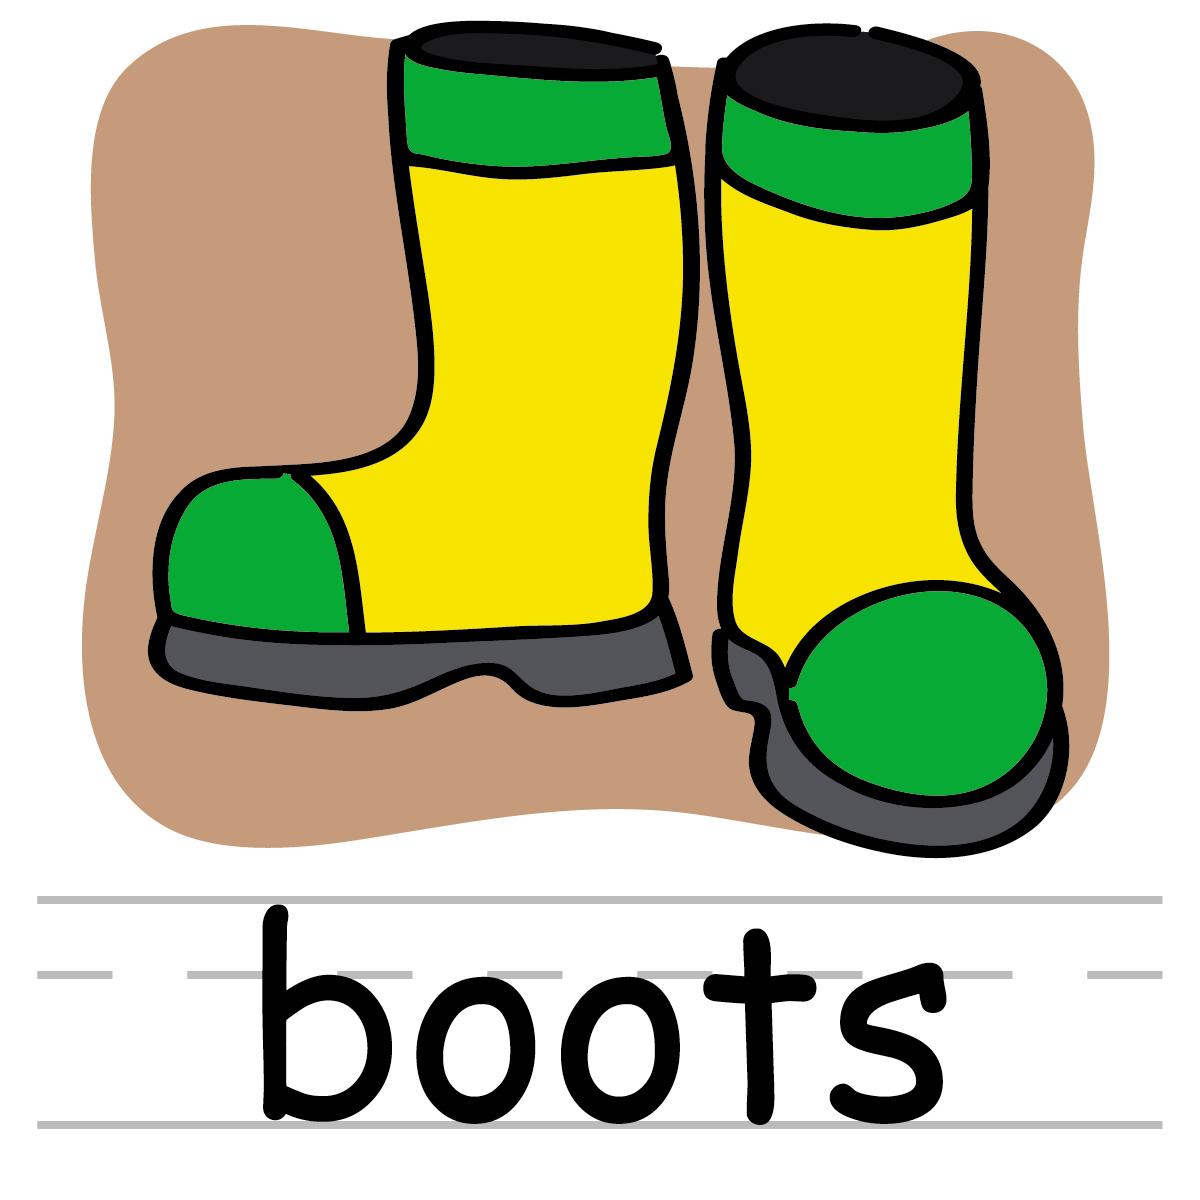 Boots Clip Art Wallpaper